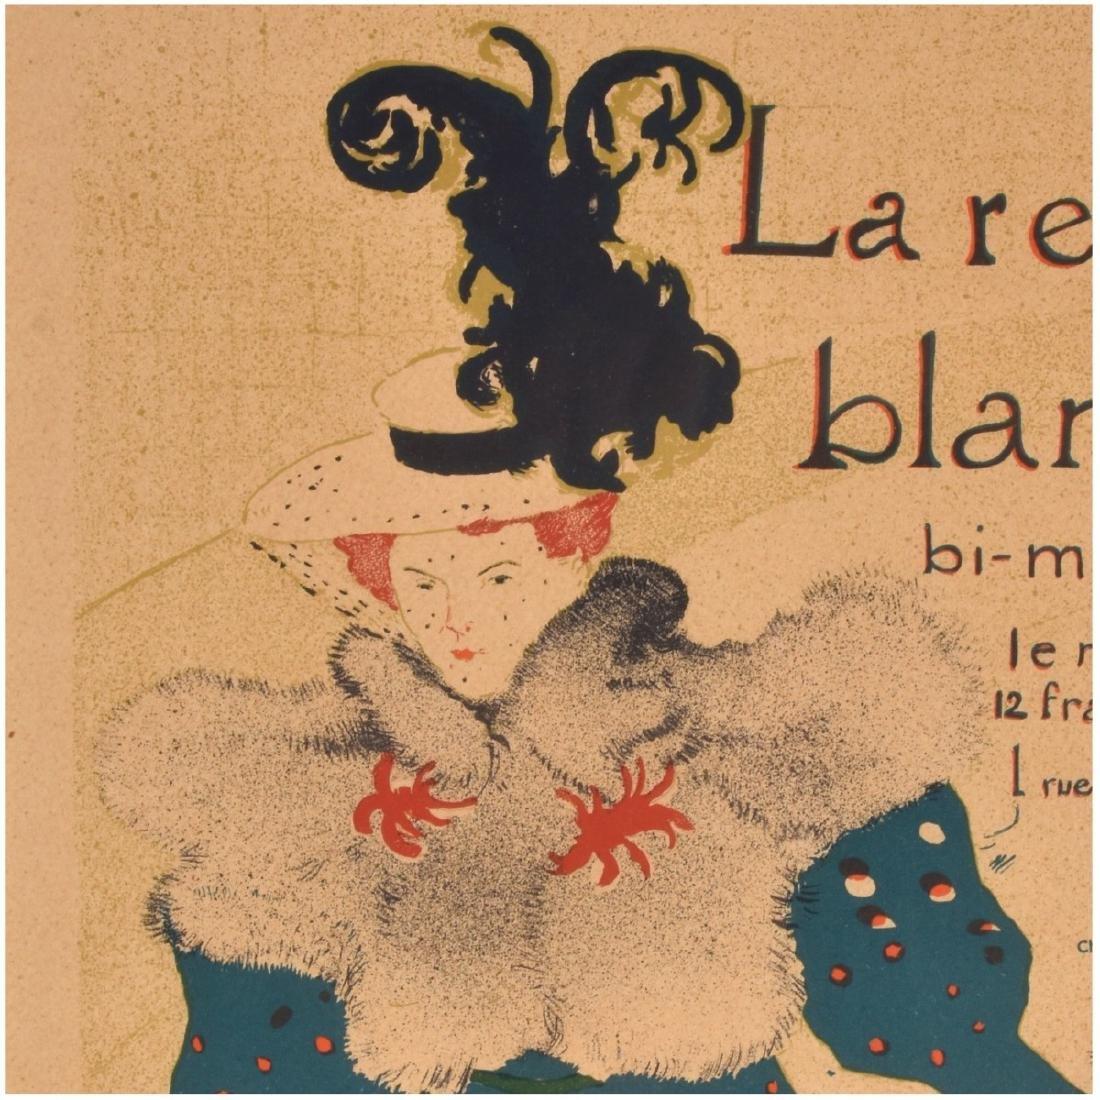 Toulouse-Lautrec (1864 - 1901) Lithograph - 3